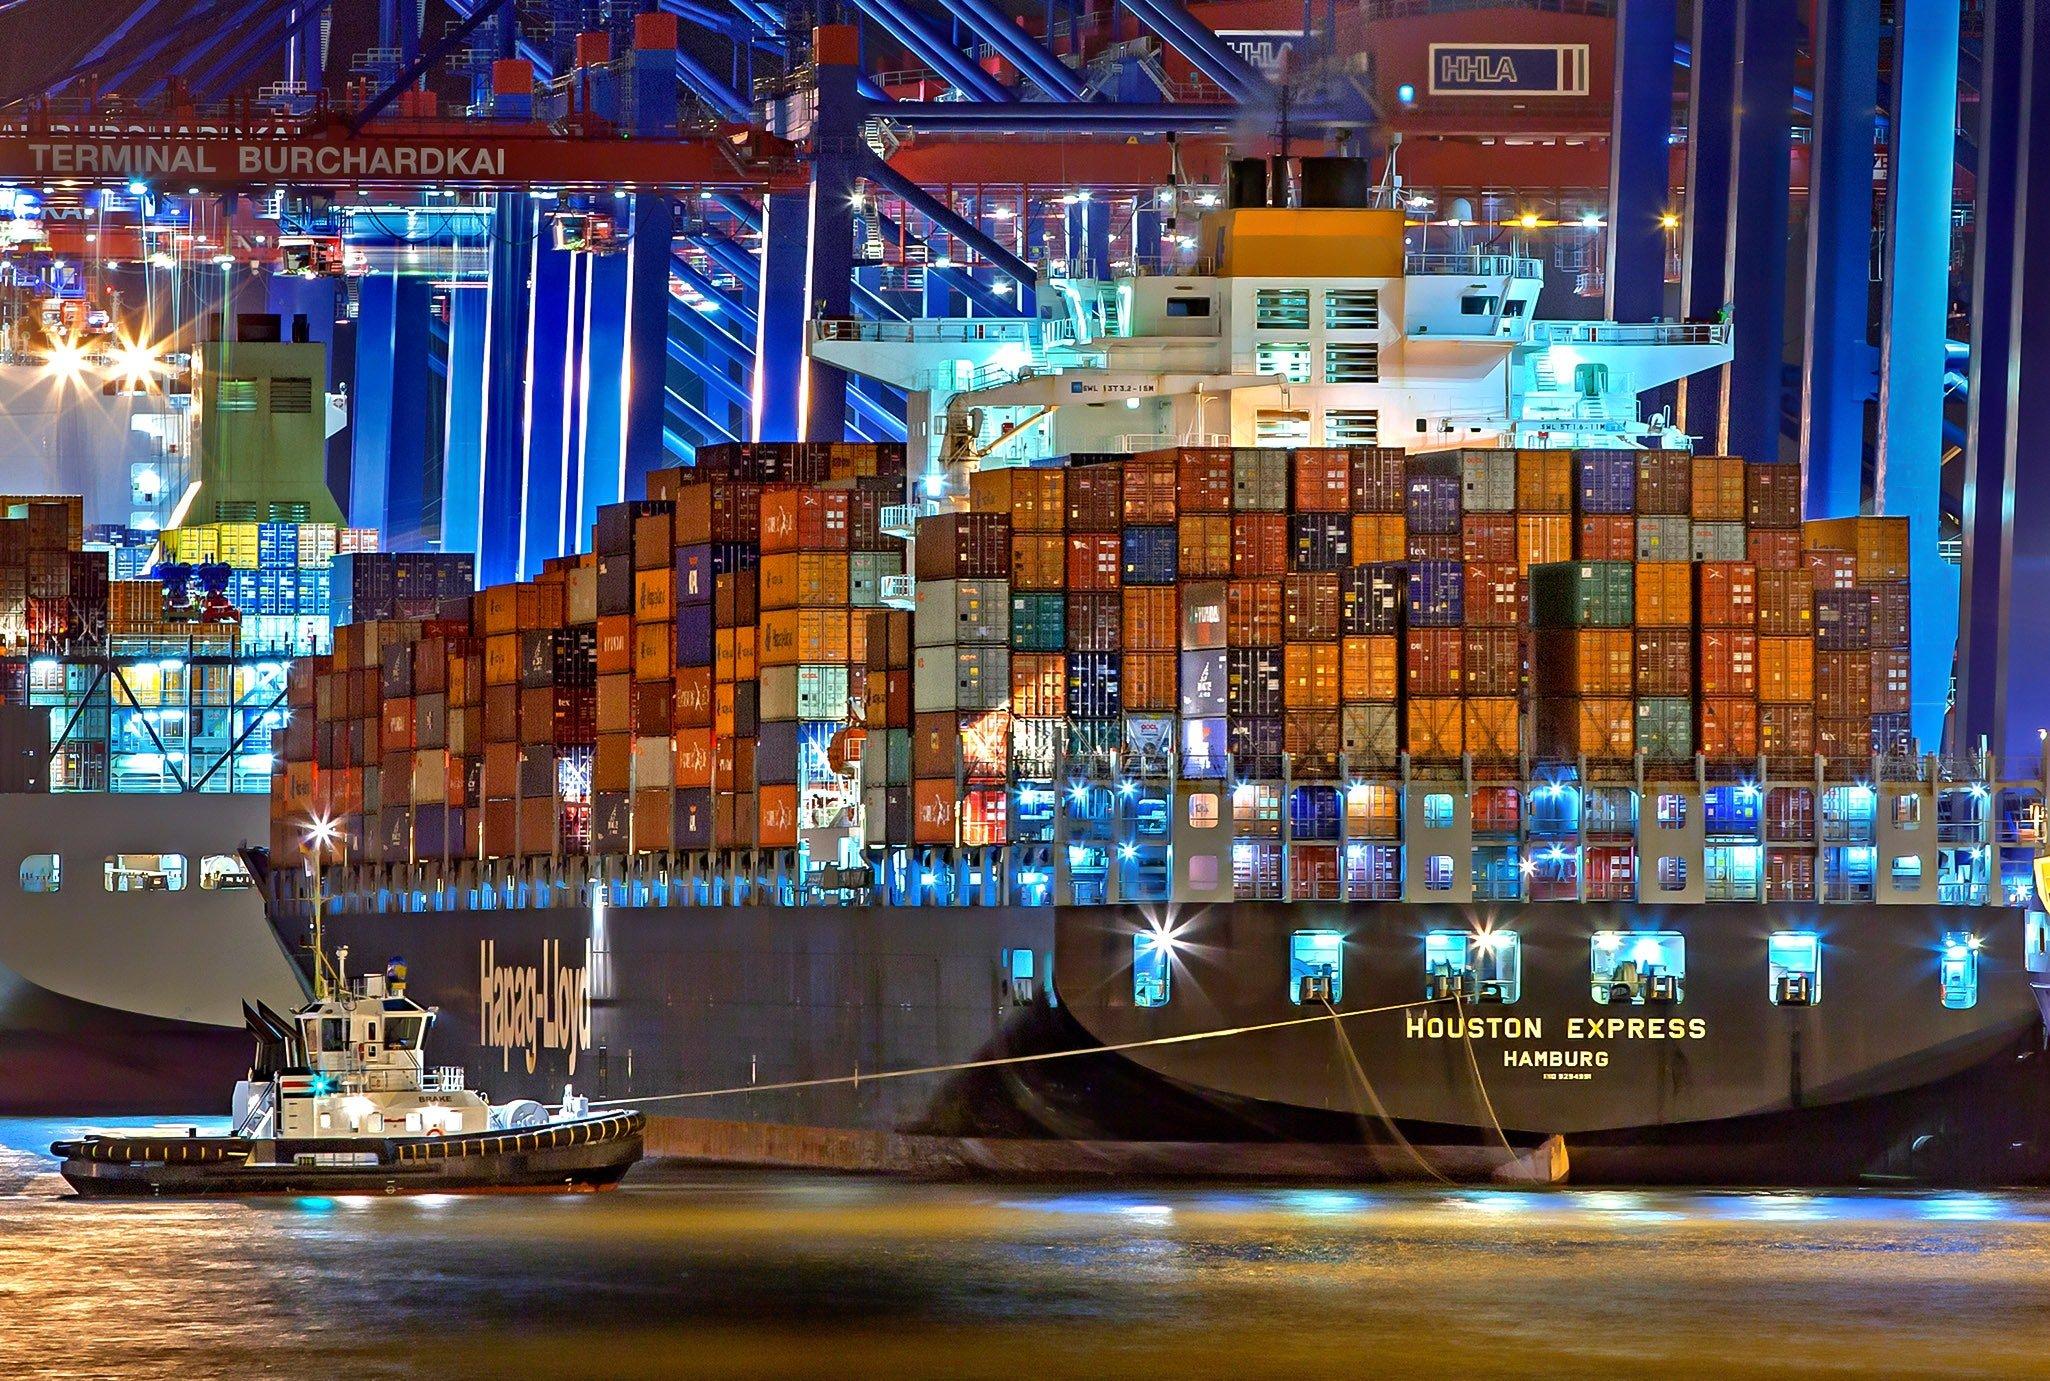 boats-cargo-cargo-container-753331